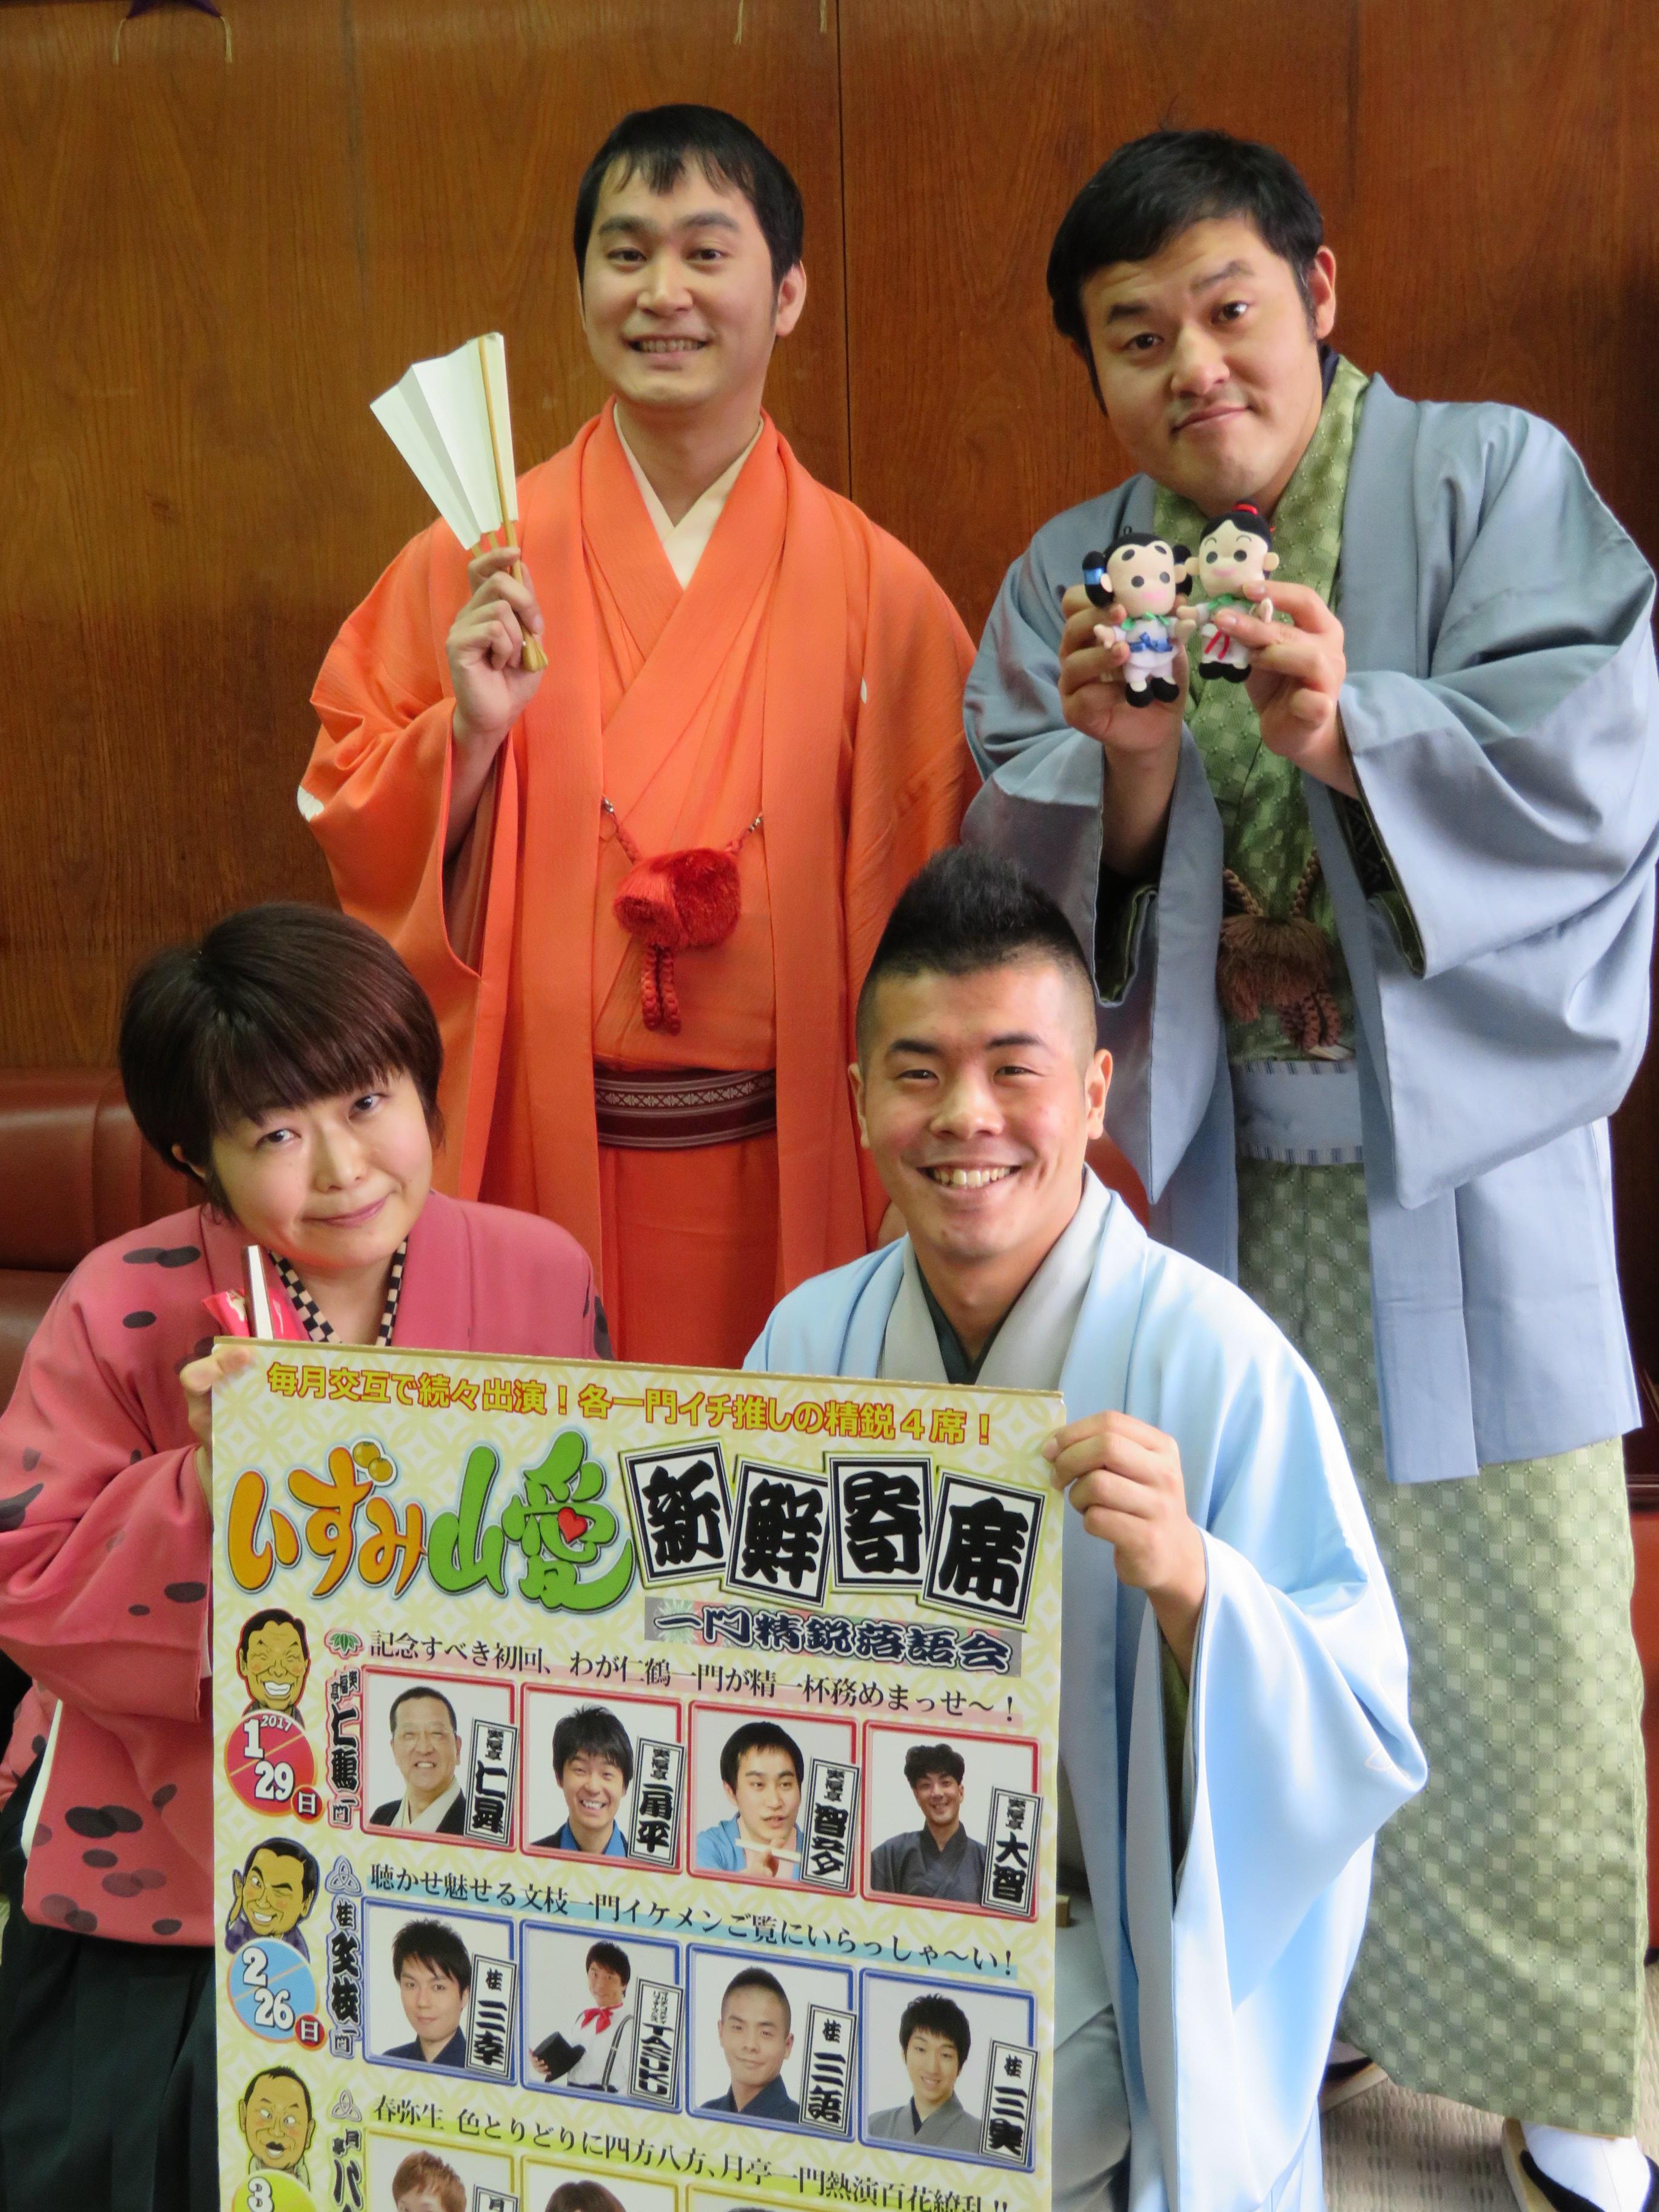 http://news.yoshimoto.co.jp/20161228204945-9d719e8b2e3a1ea14693efc13df19f66deb26172.jpg